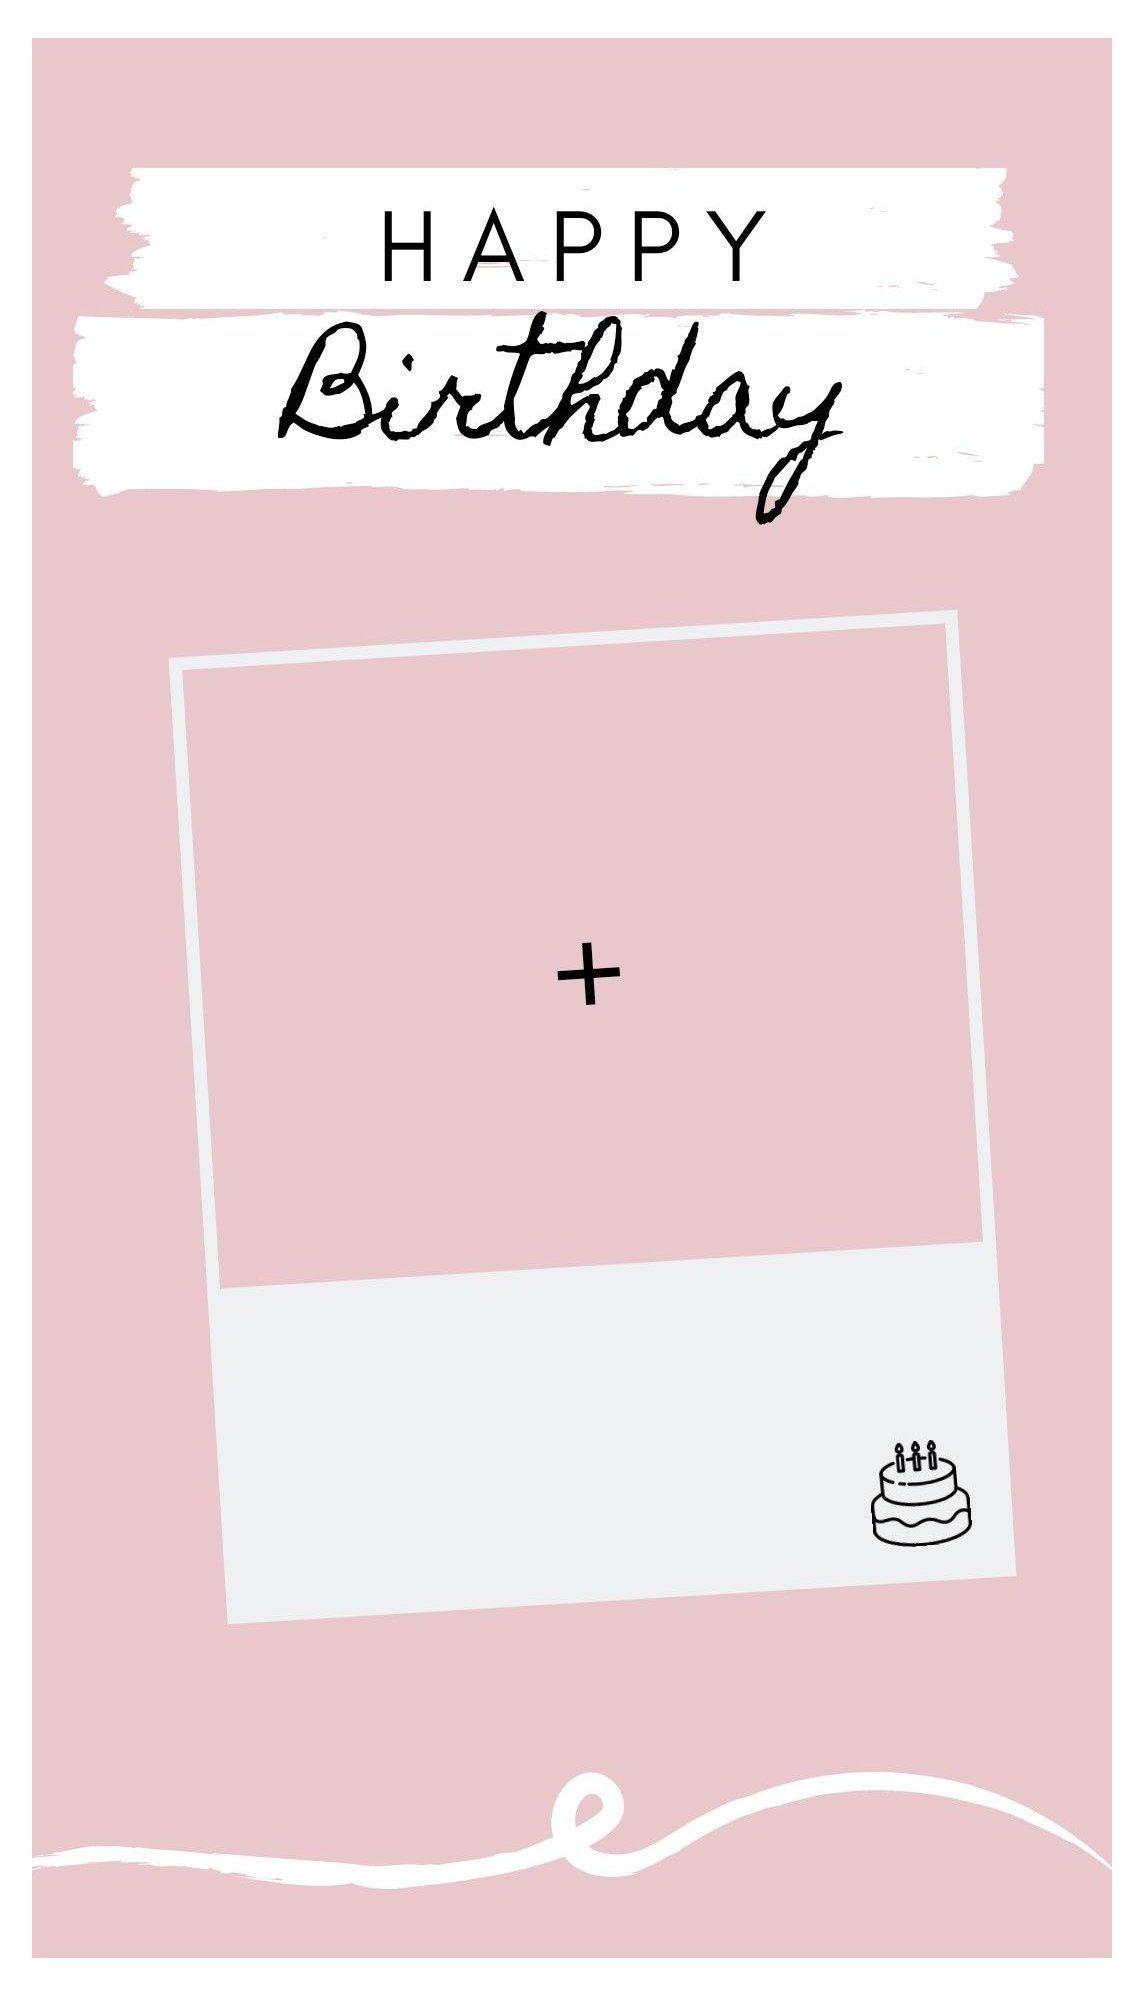 happy birthday template aesthetic